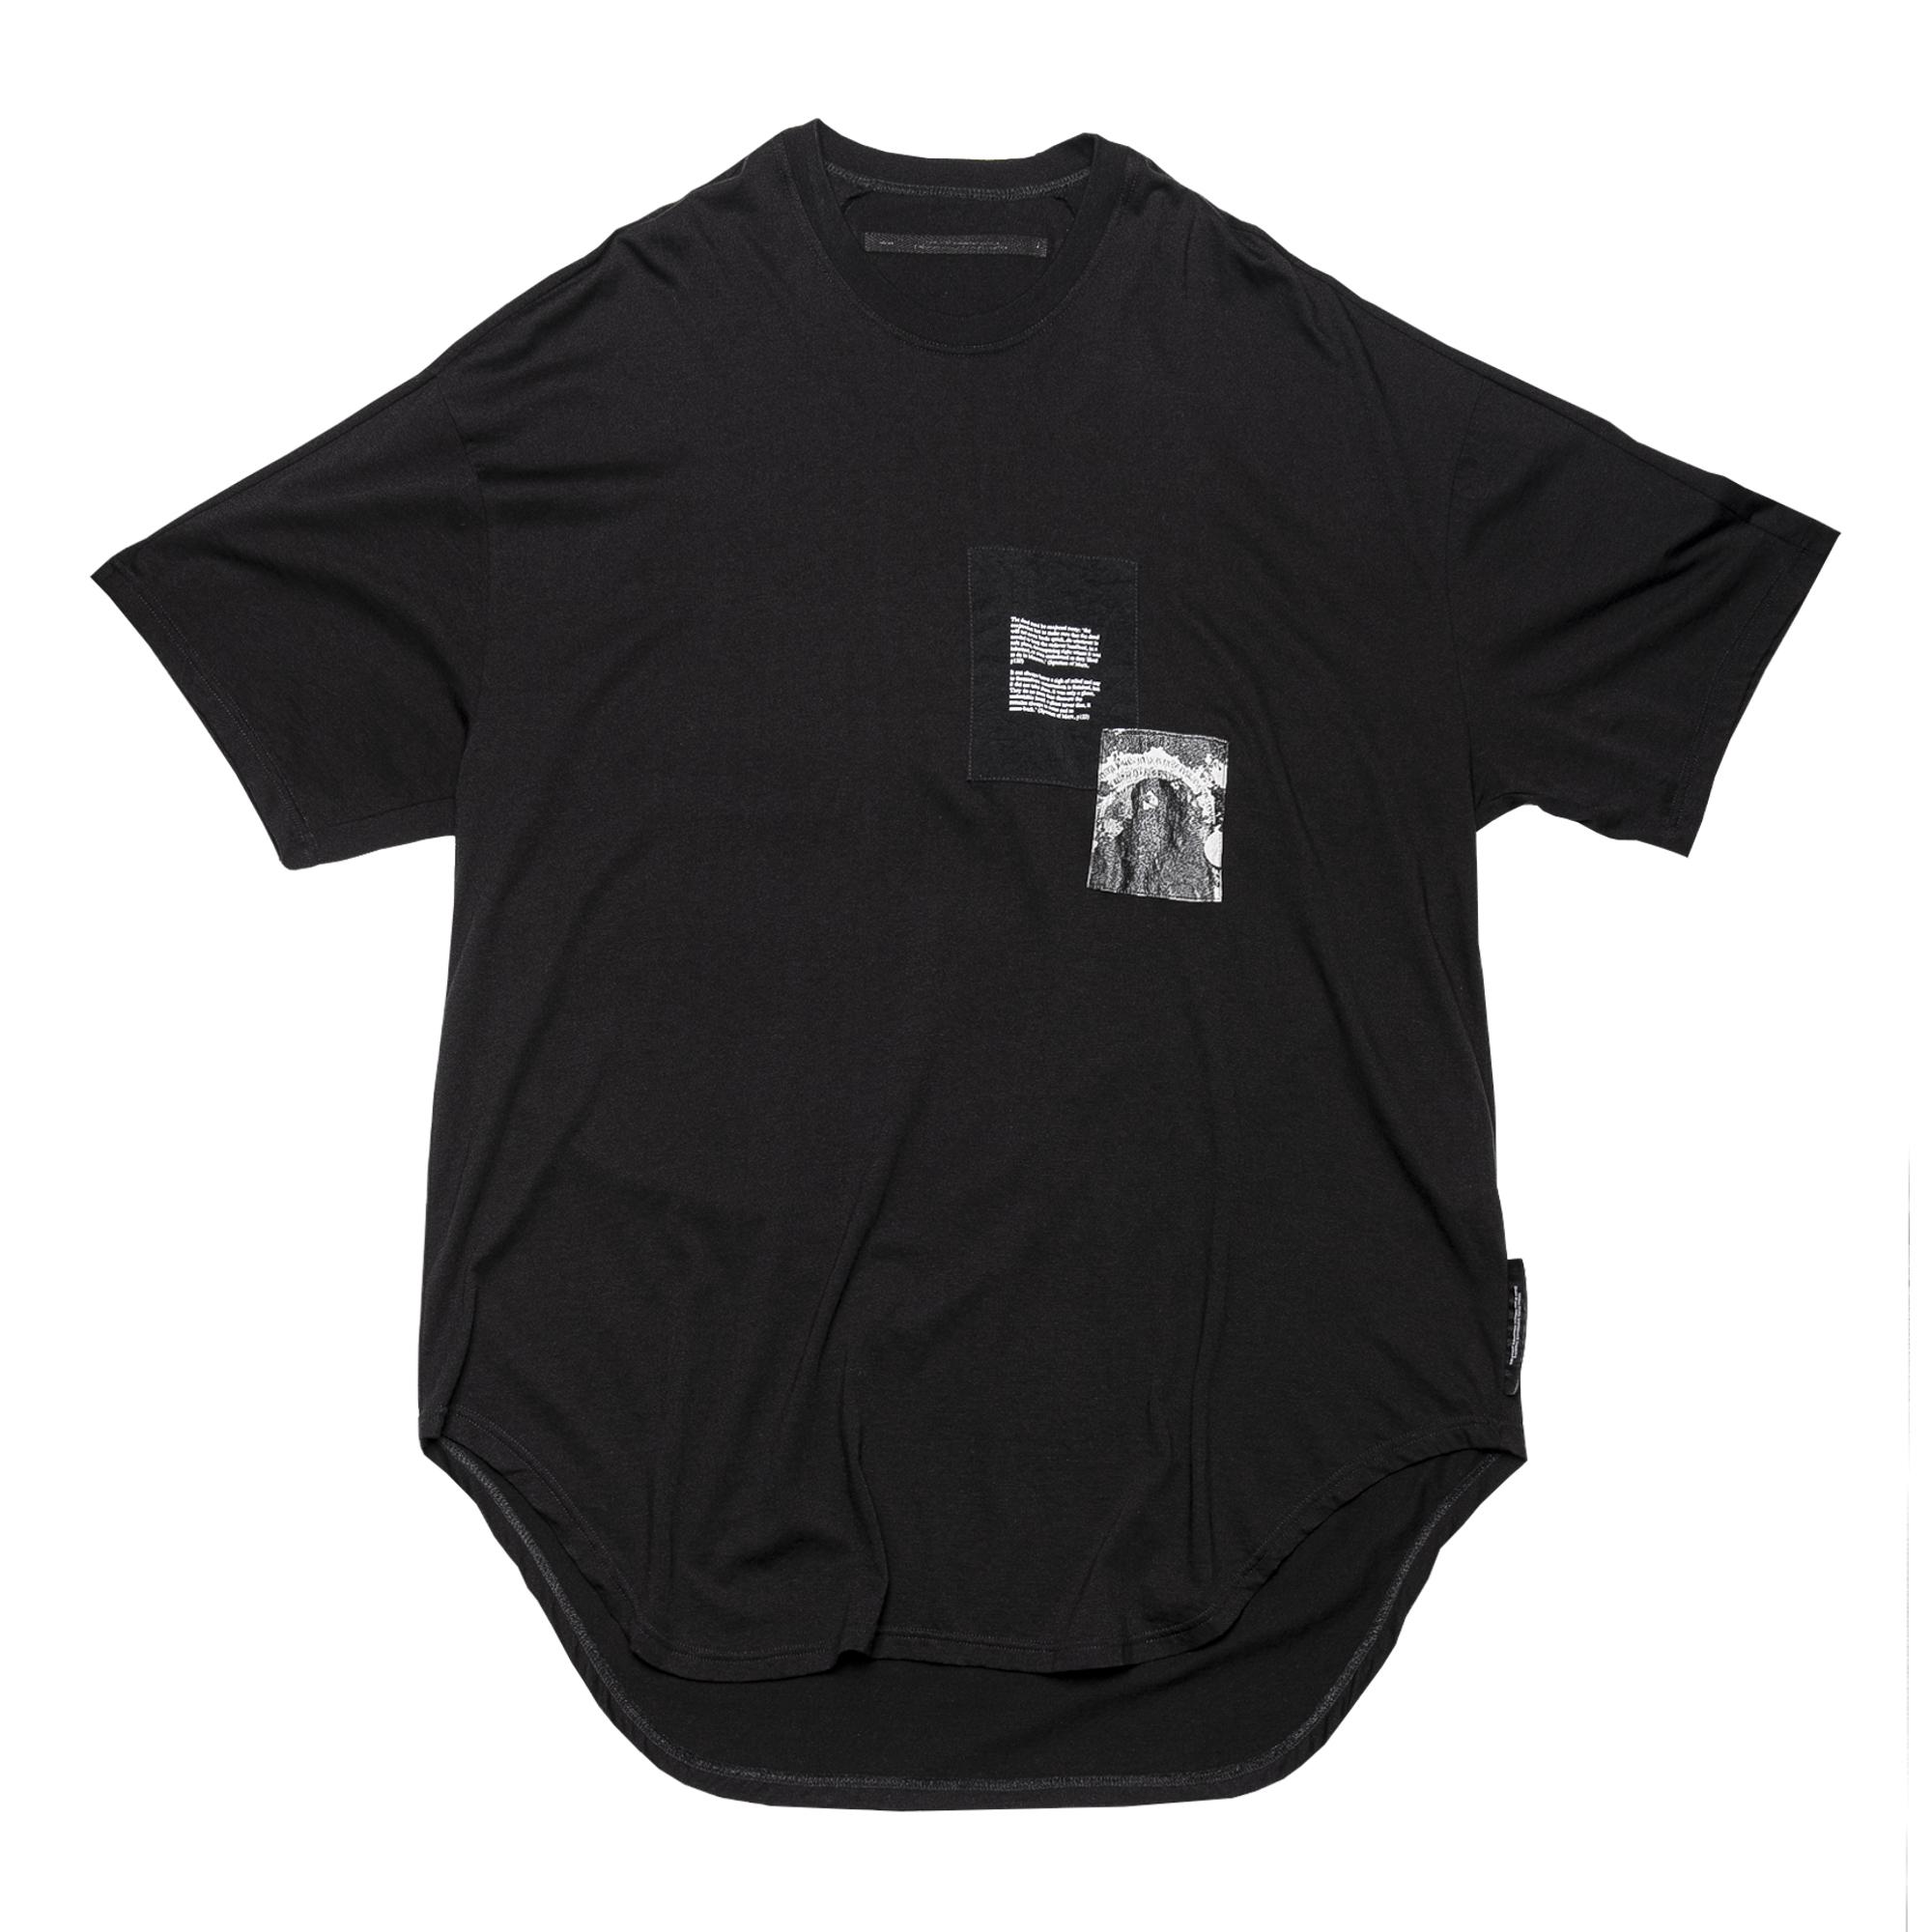 687CPM1-BLACK / パッチプリント OS Tシャツ